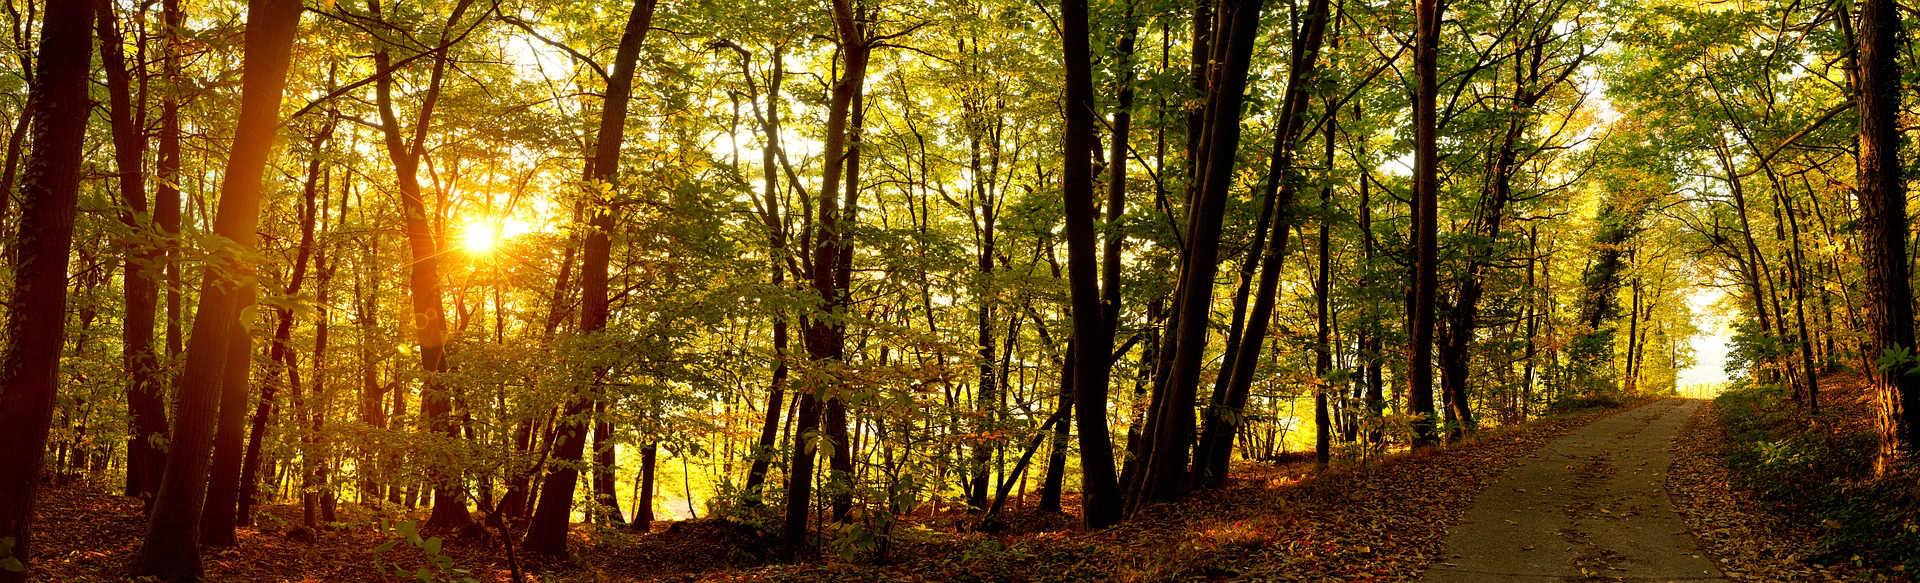 Brainspotting Wald Sonne Weg Abend www.phaidros.org